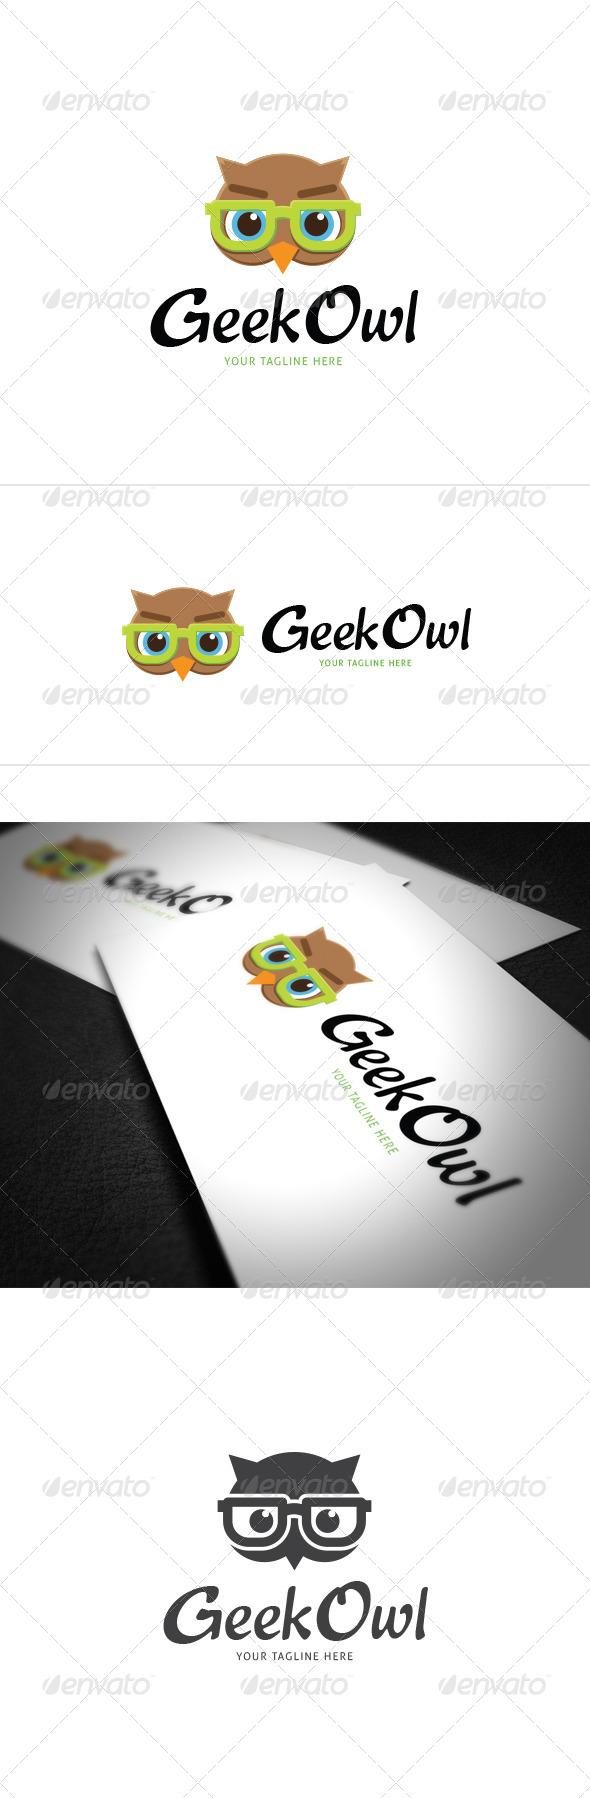 Geek Owl Logo Template